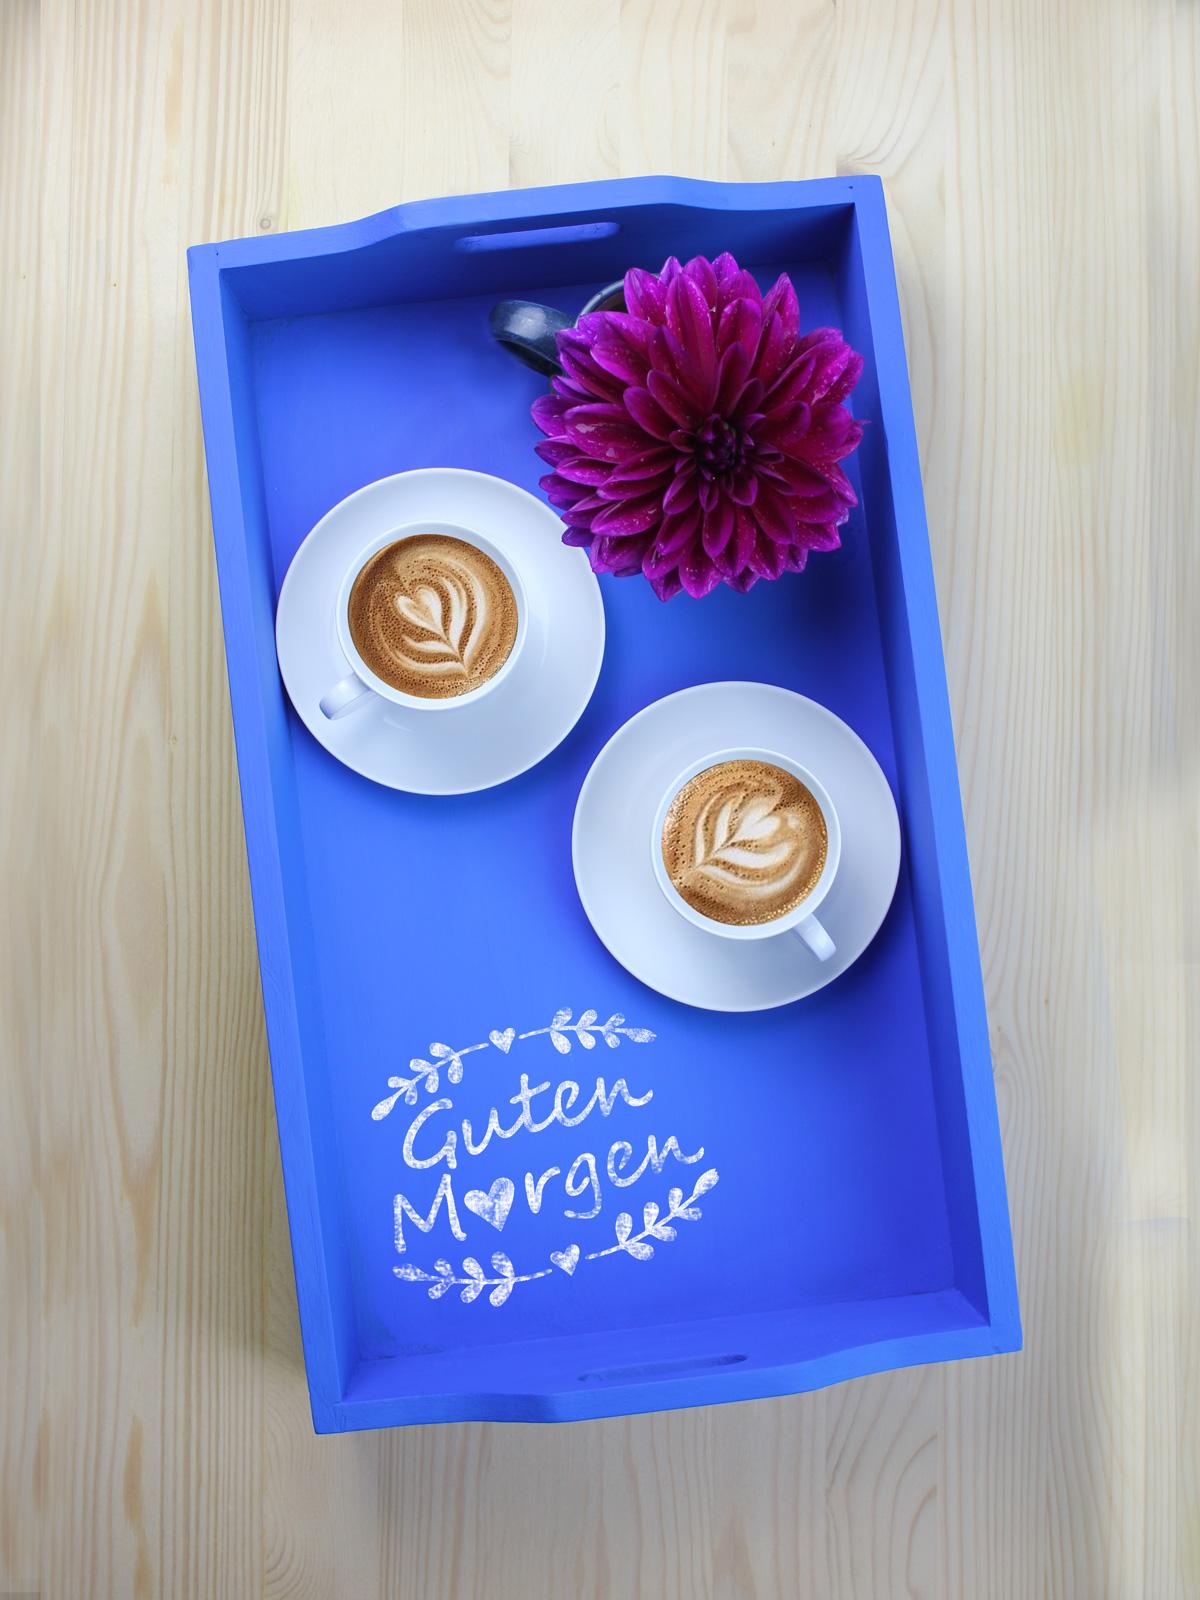 Guten-Morgen-Herzen mit Kreide auf Schultafellack - das perfekte Frühstück-am-Bett-Tablett!